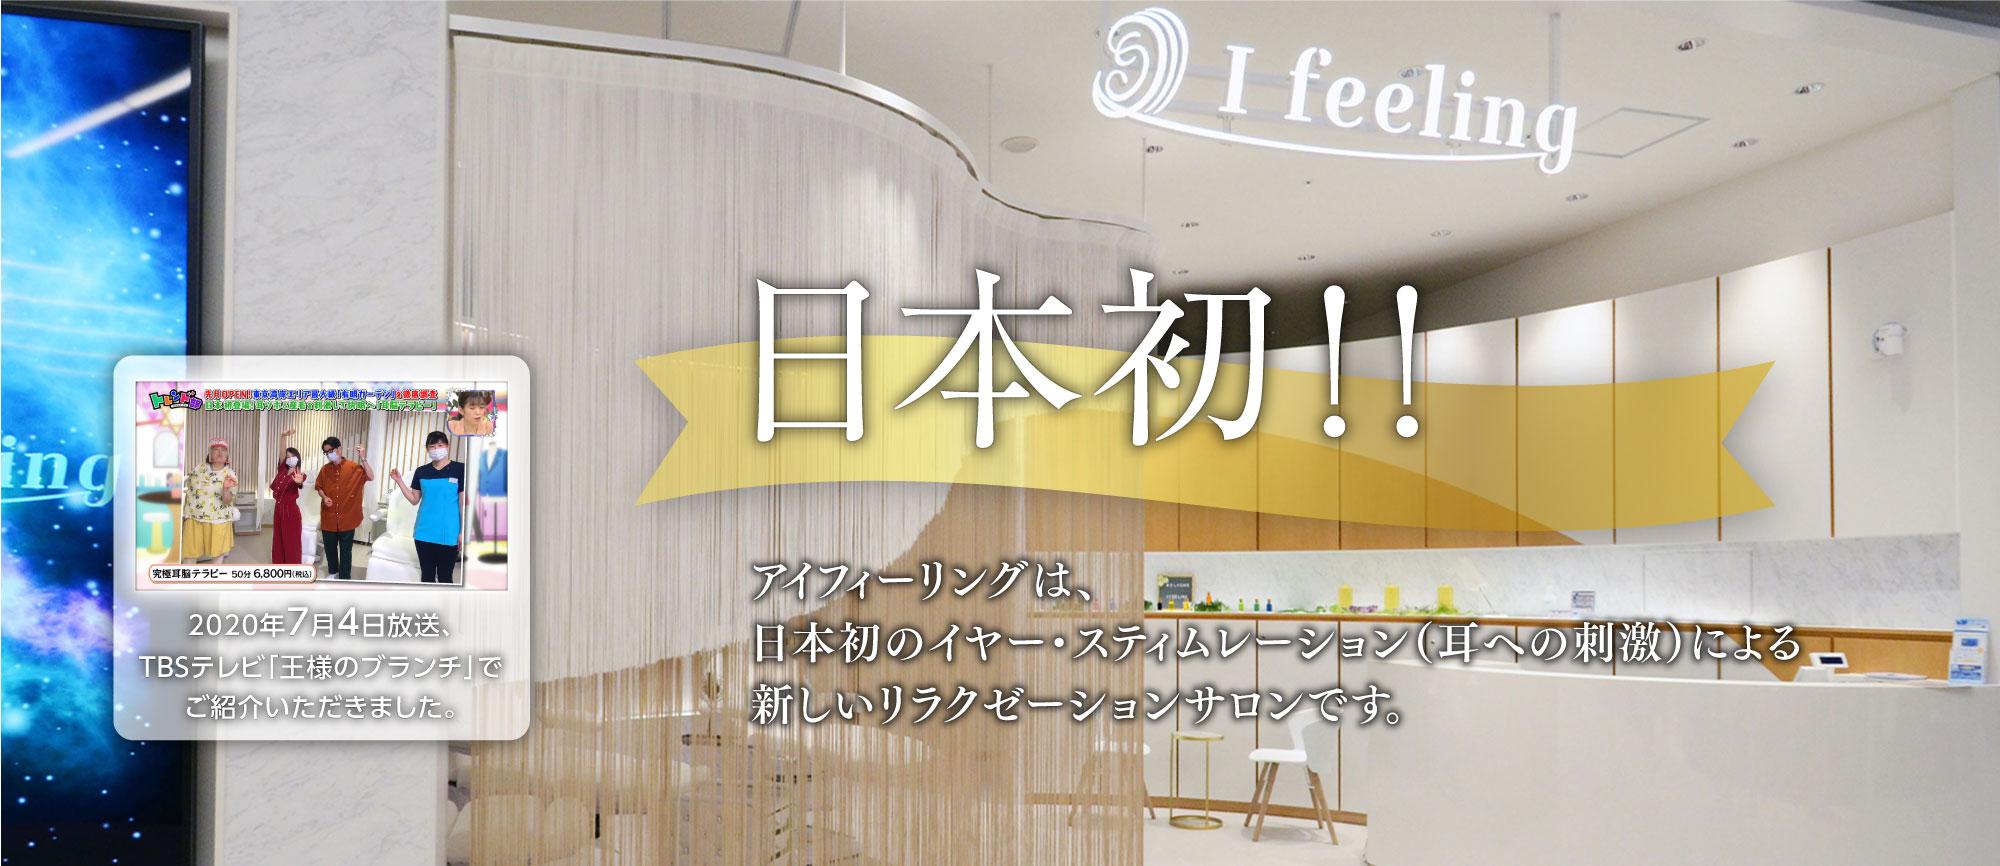 日本初上陸イヤースティムレーション(耳への刺激)による新しいリラクゼーションサロン